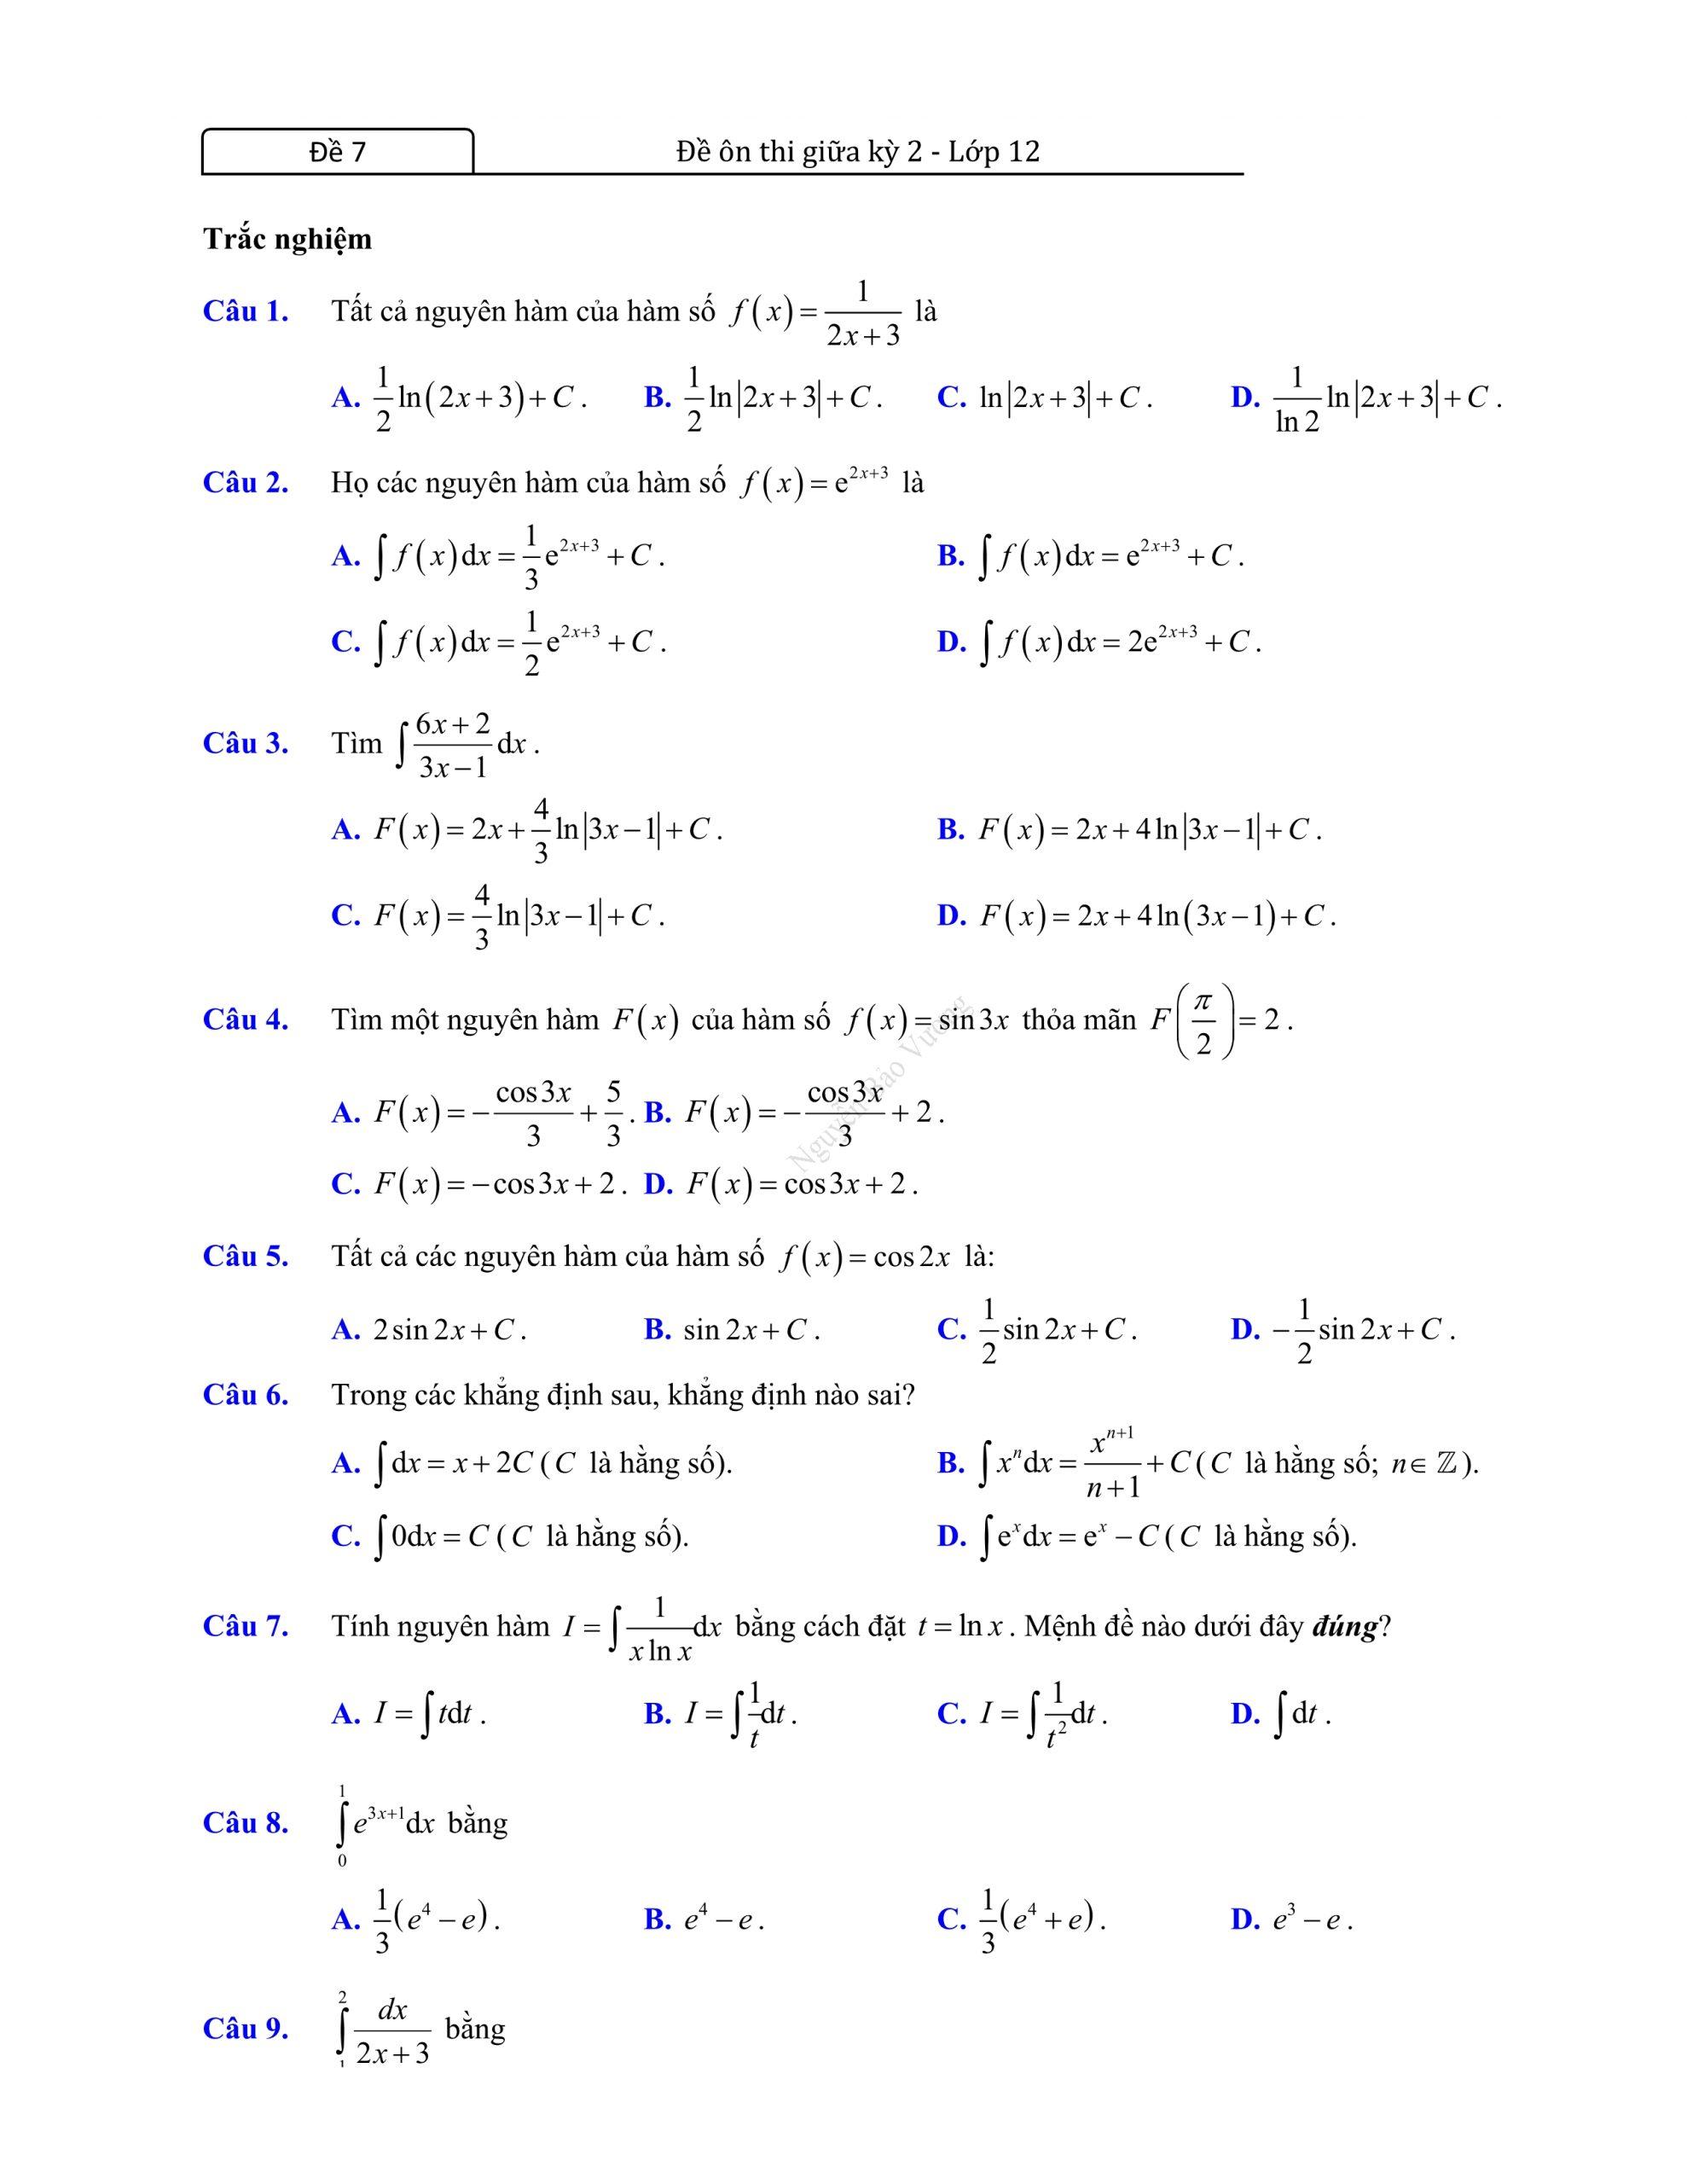 Đề thi giữa hk2 toán 12 có đáp án 2021 bản đẹp hot